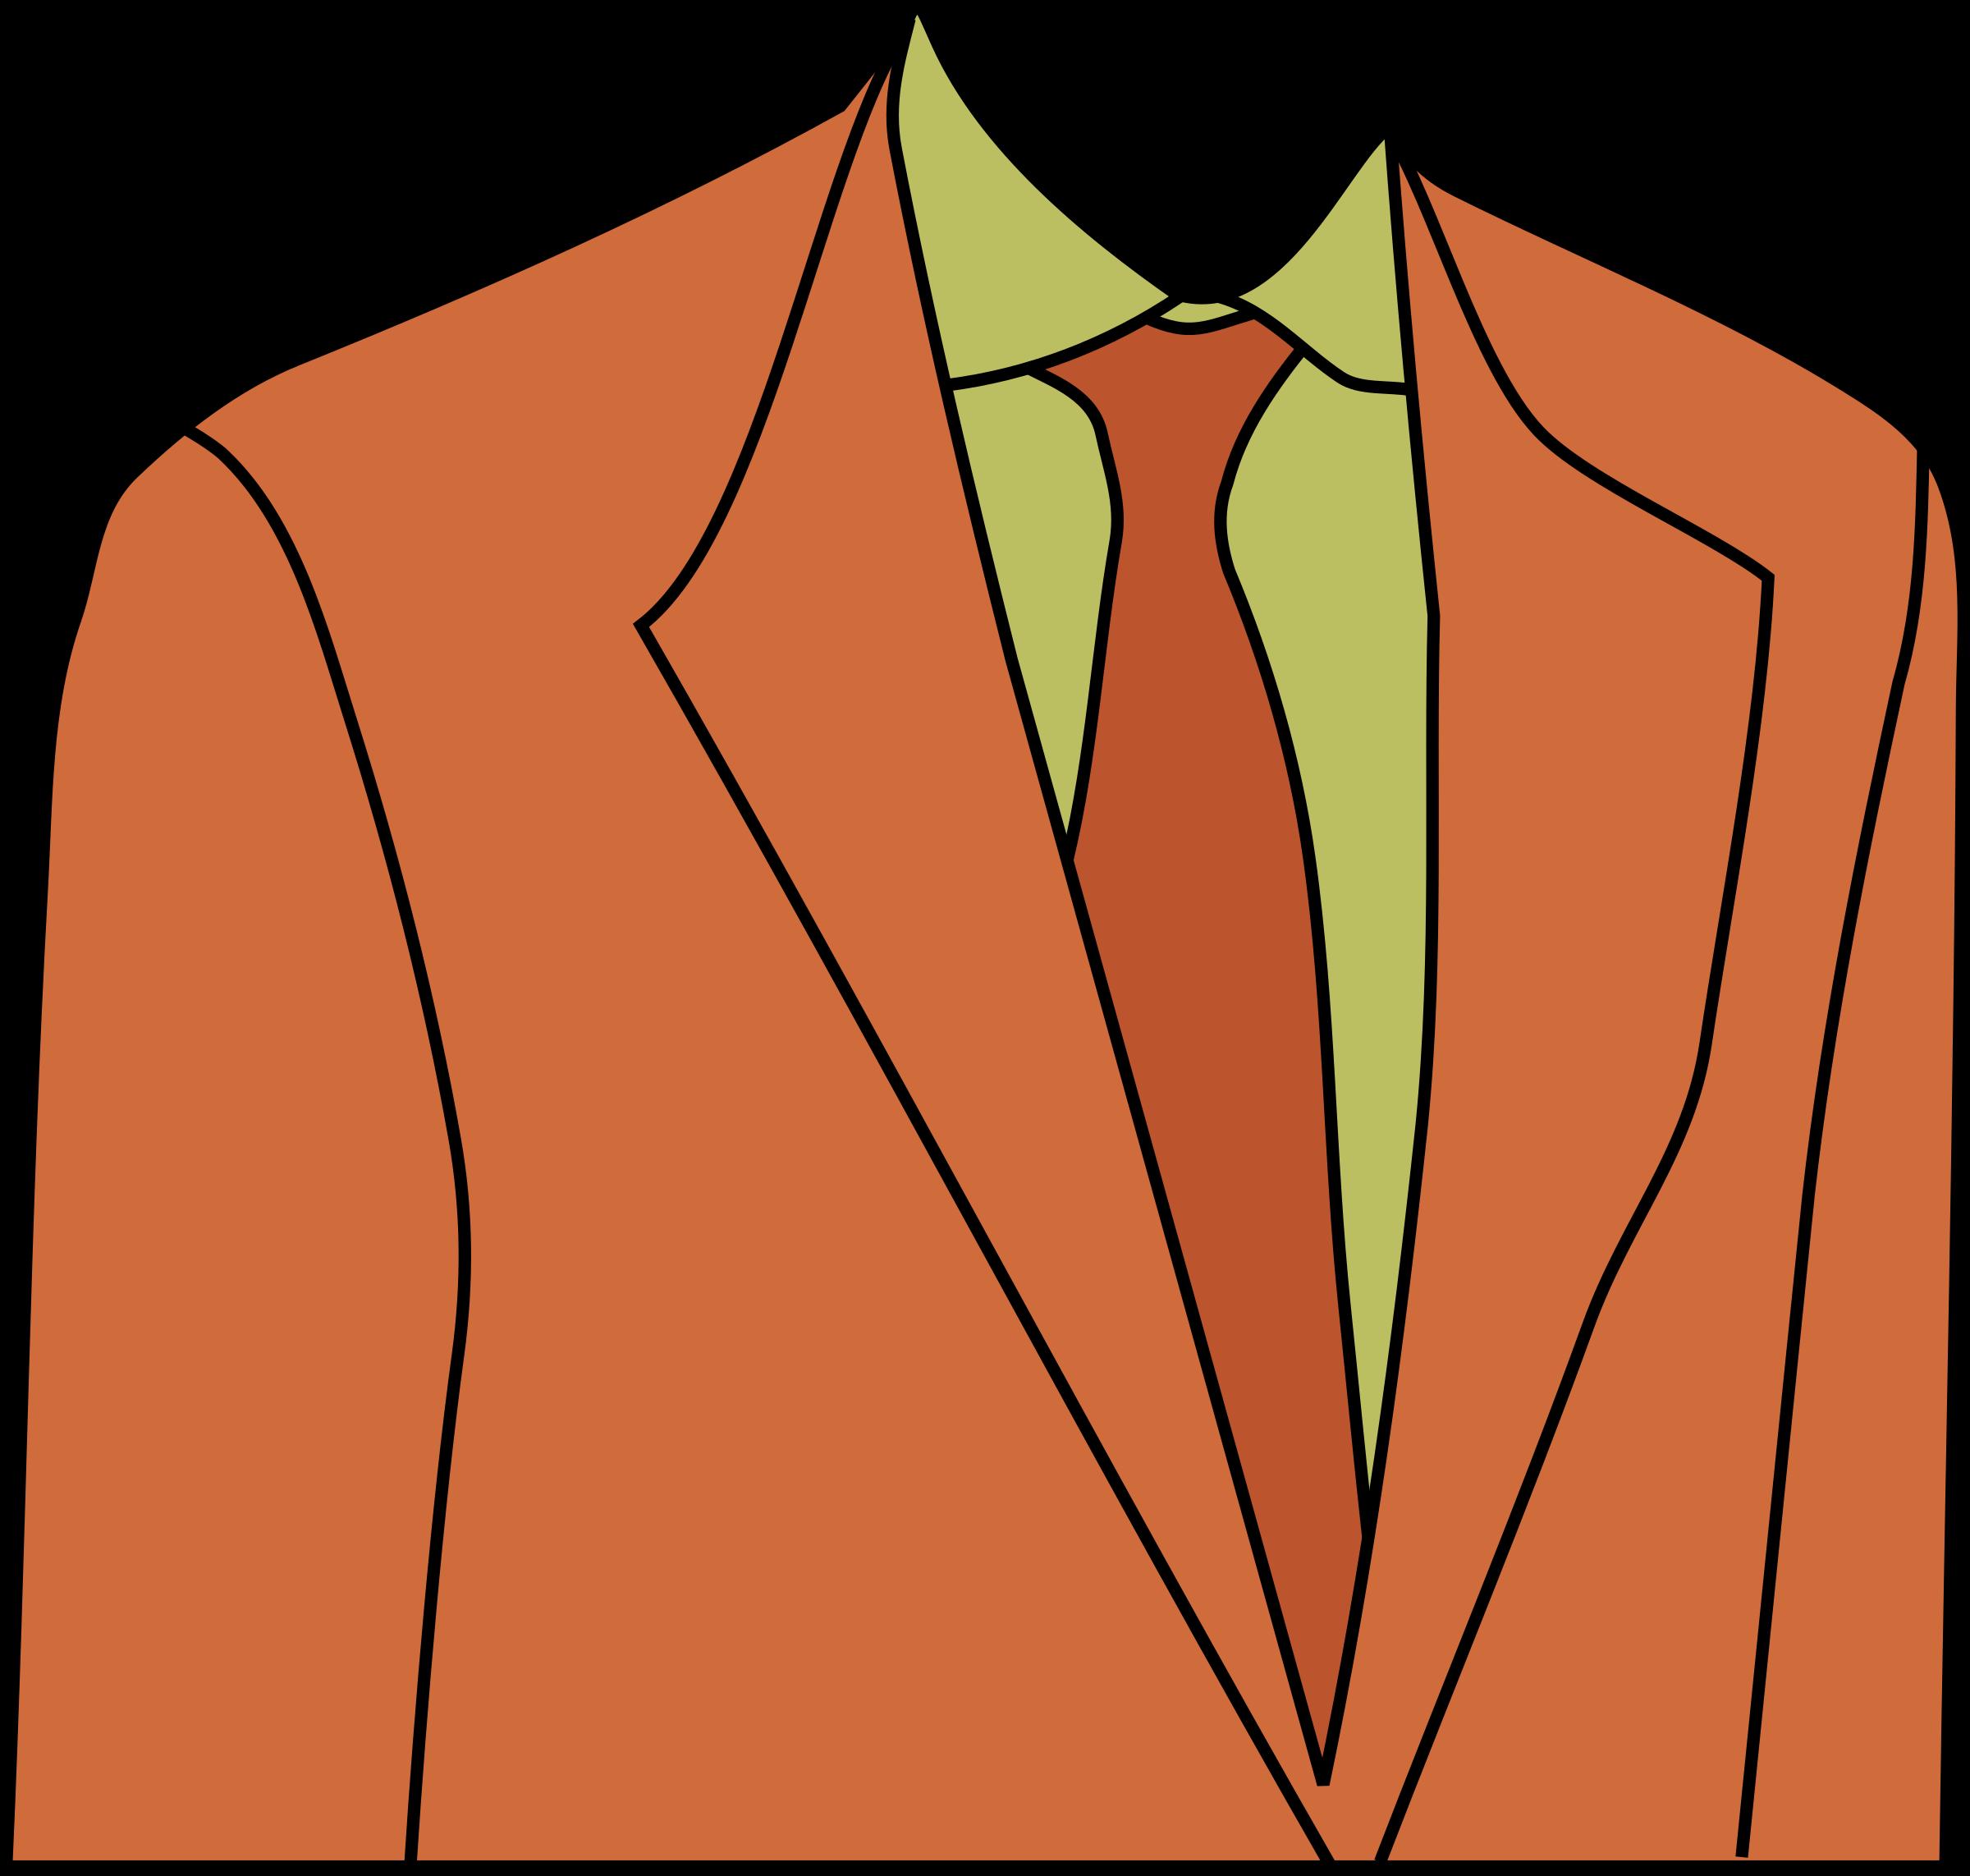 Disco clipart orange Suit Suit Orange Disco Clipart